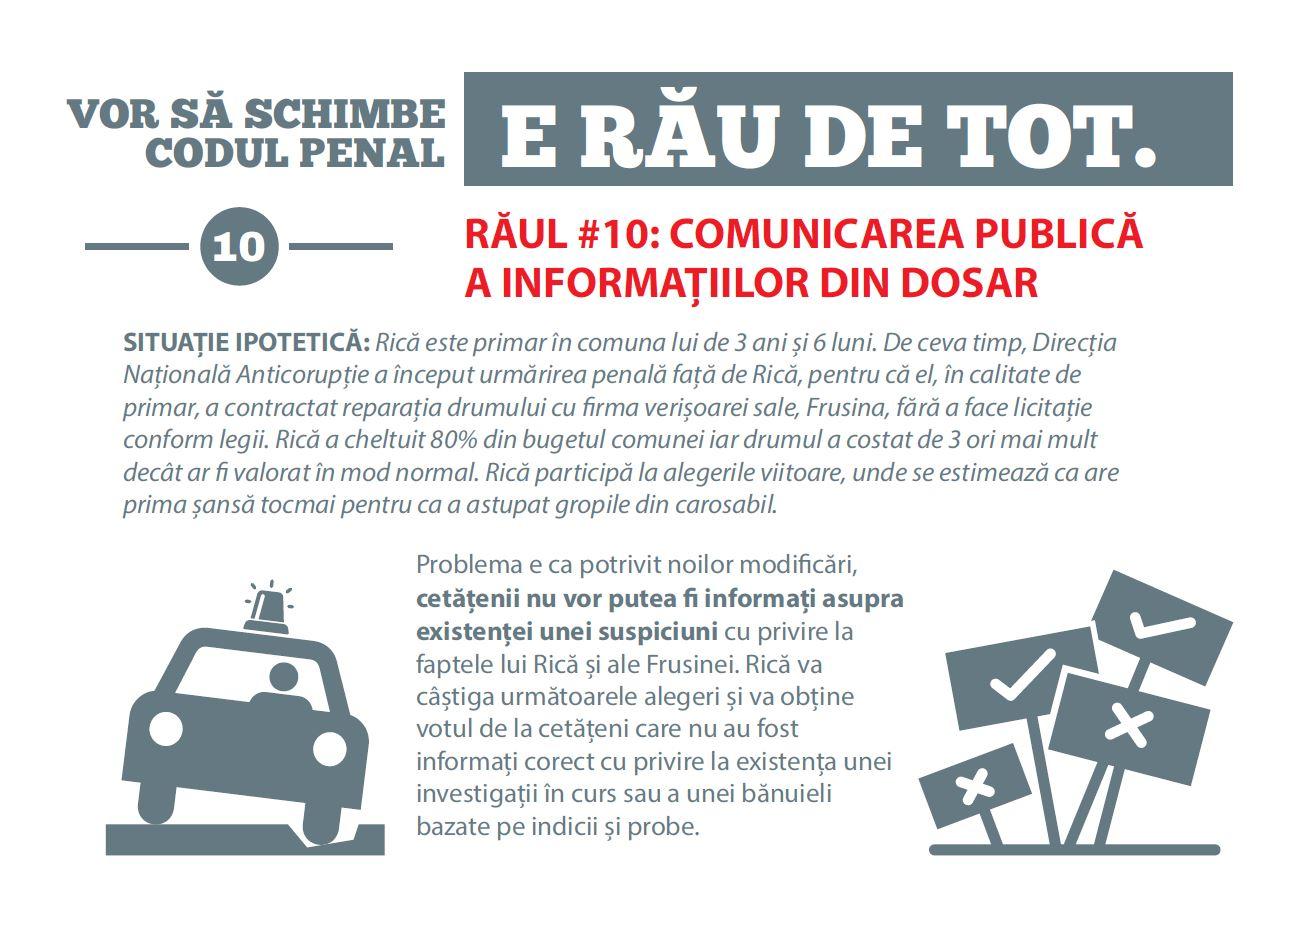 Procurorii au făcut o broșură simplă ca să te prinzi ce înseamnă modificările Codului Penal